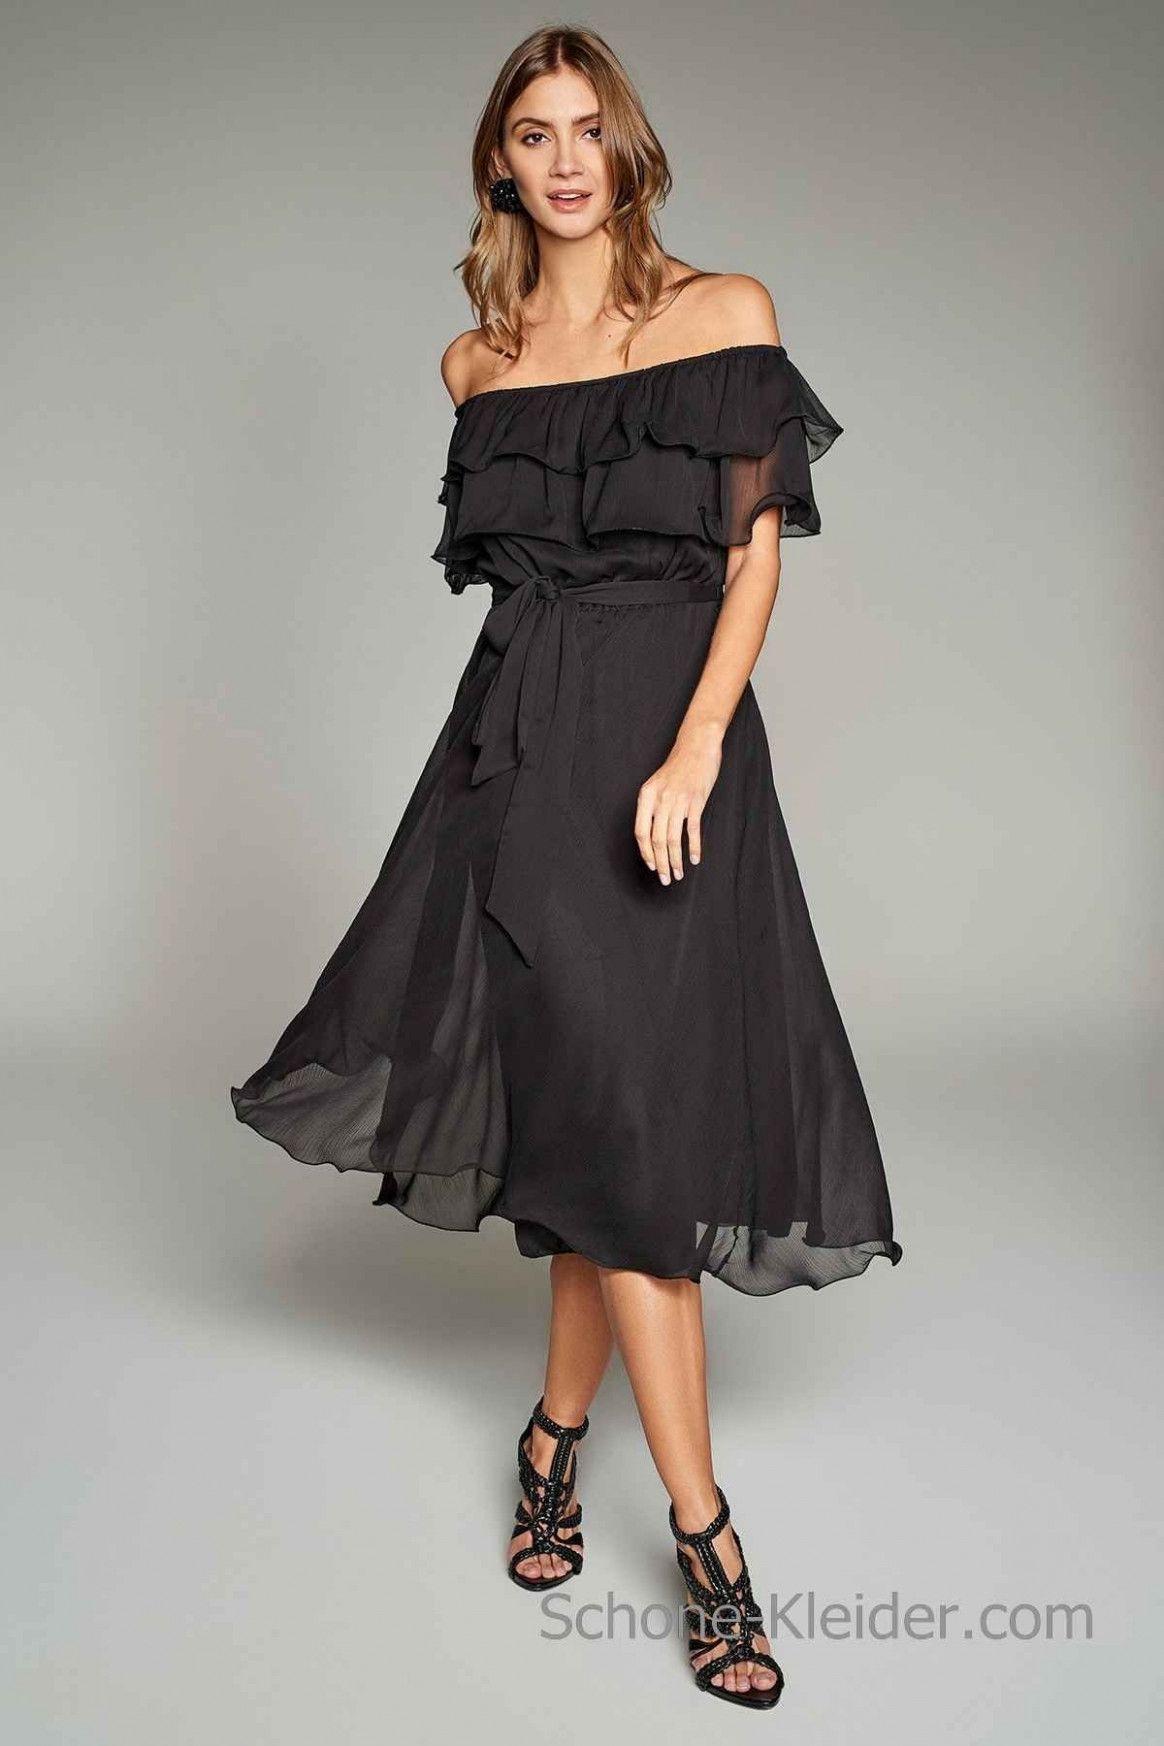 11 schöne wickelkleider in 2020 | schöne kleider, sommer